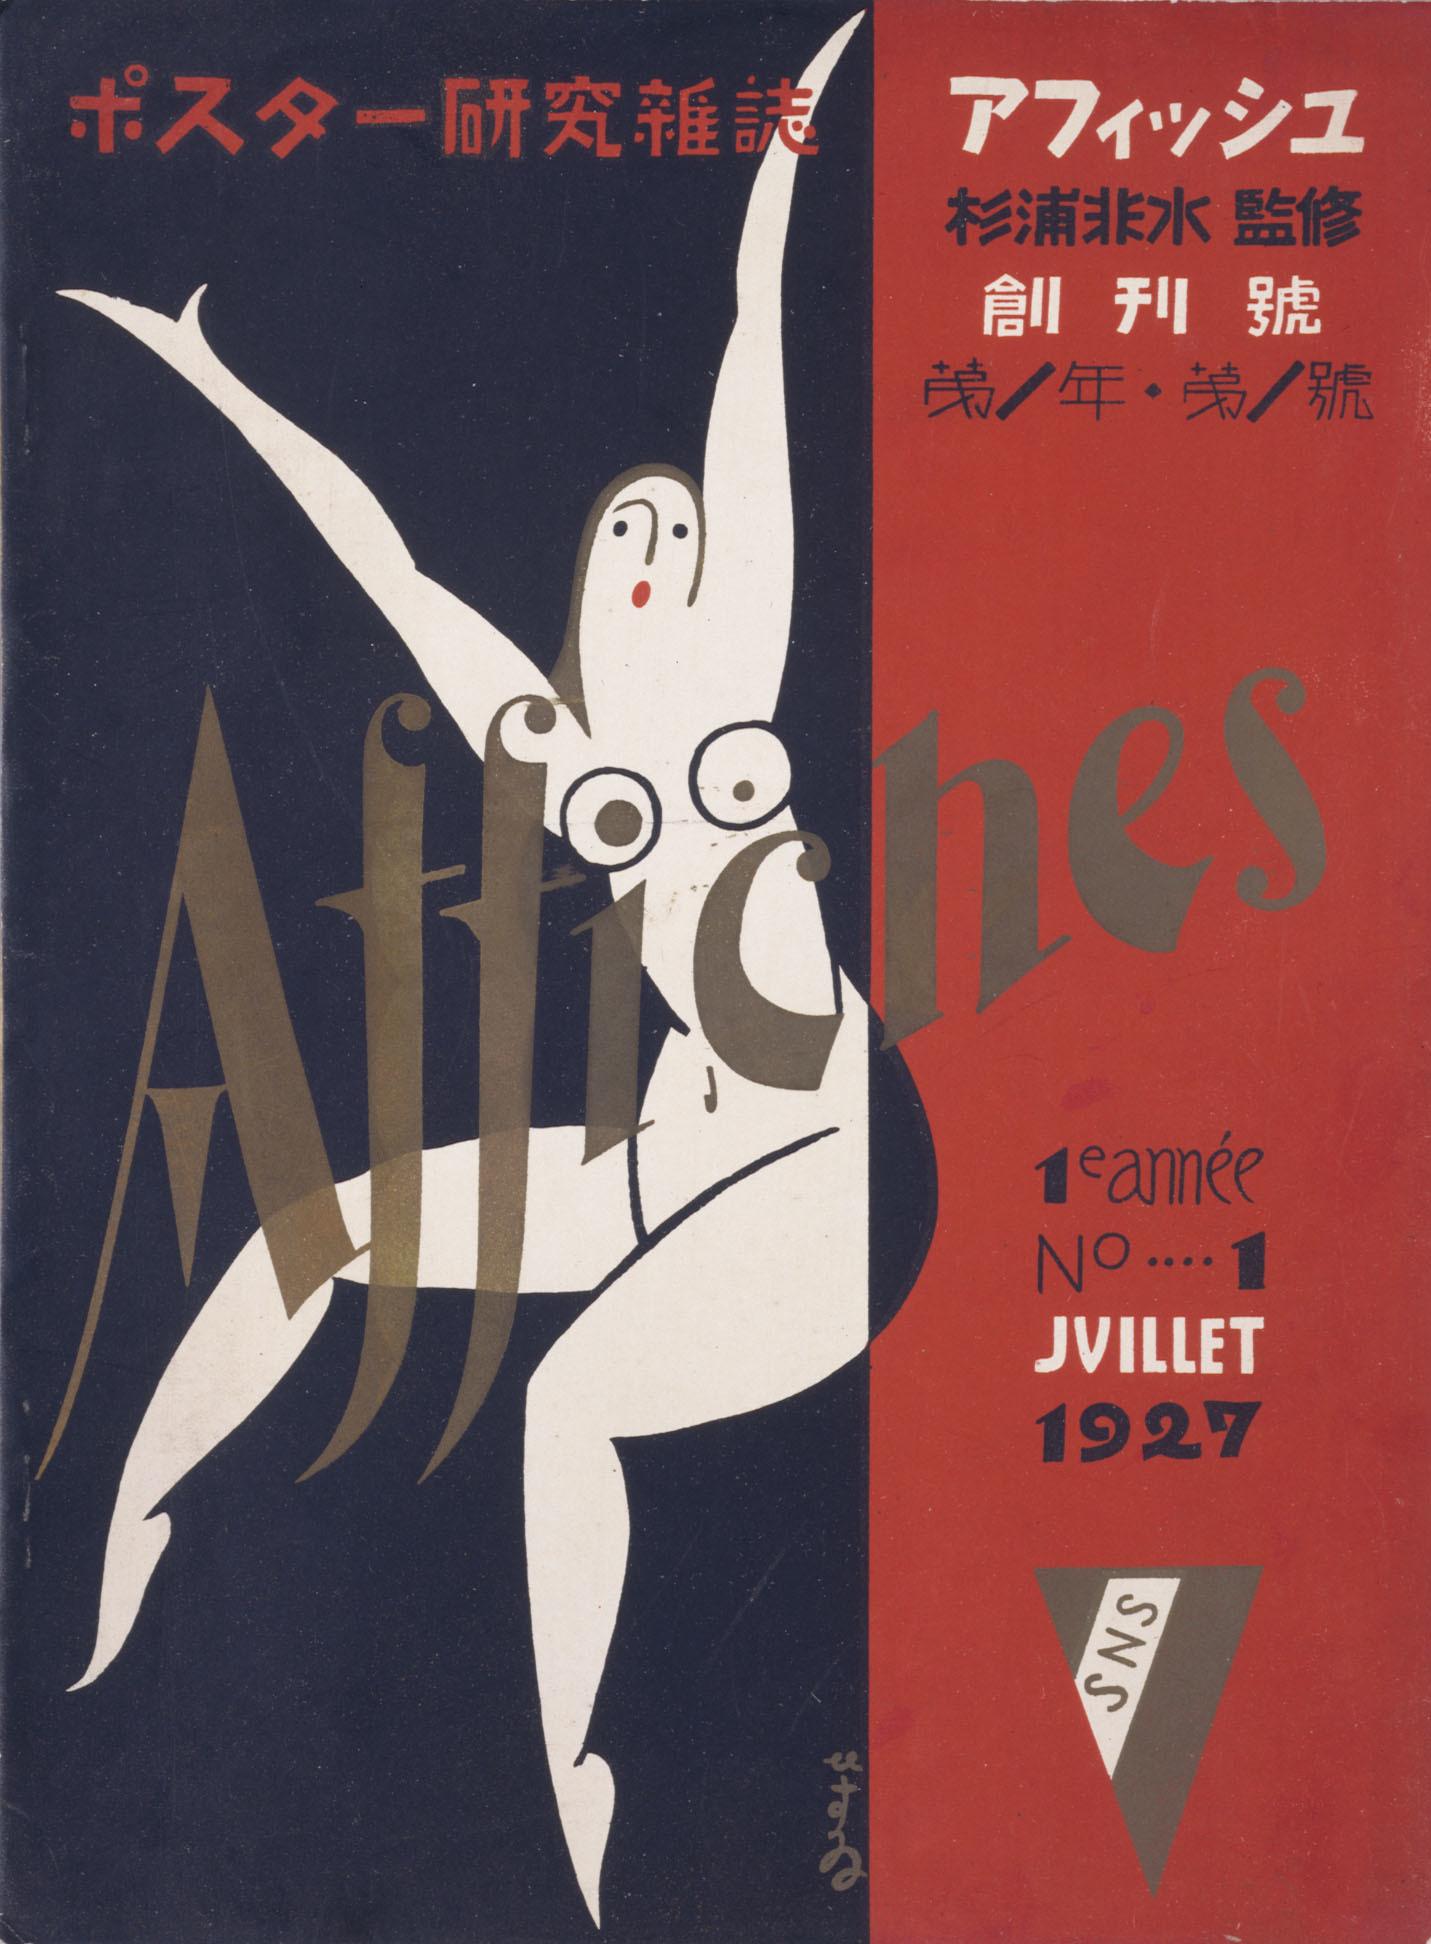 杉浦非水 『アフィッシュ』創刊号表紙 1927年 東京国立近代美術館蔵